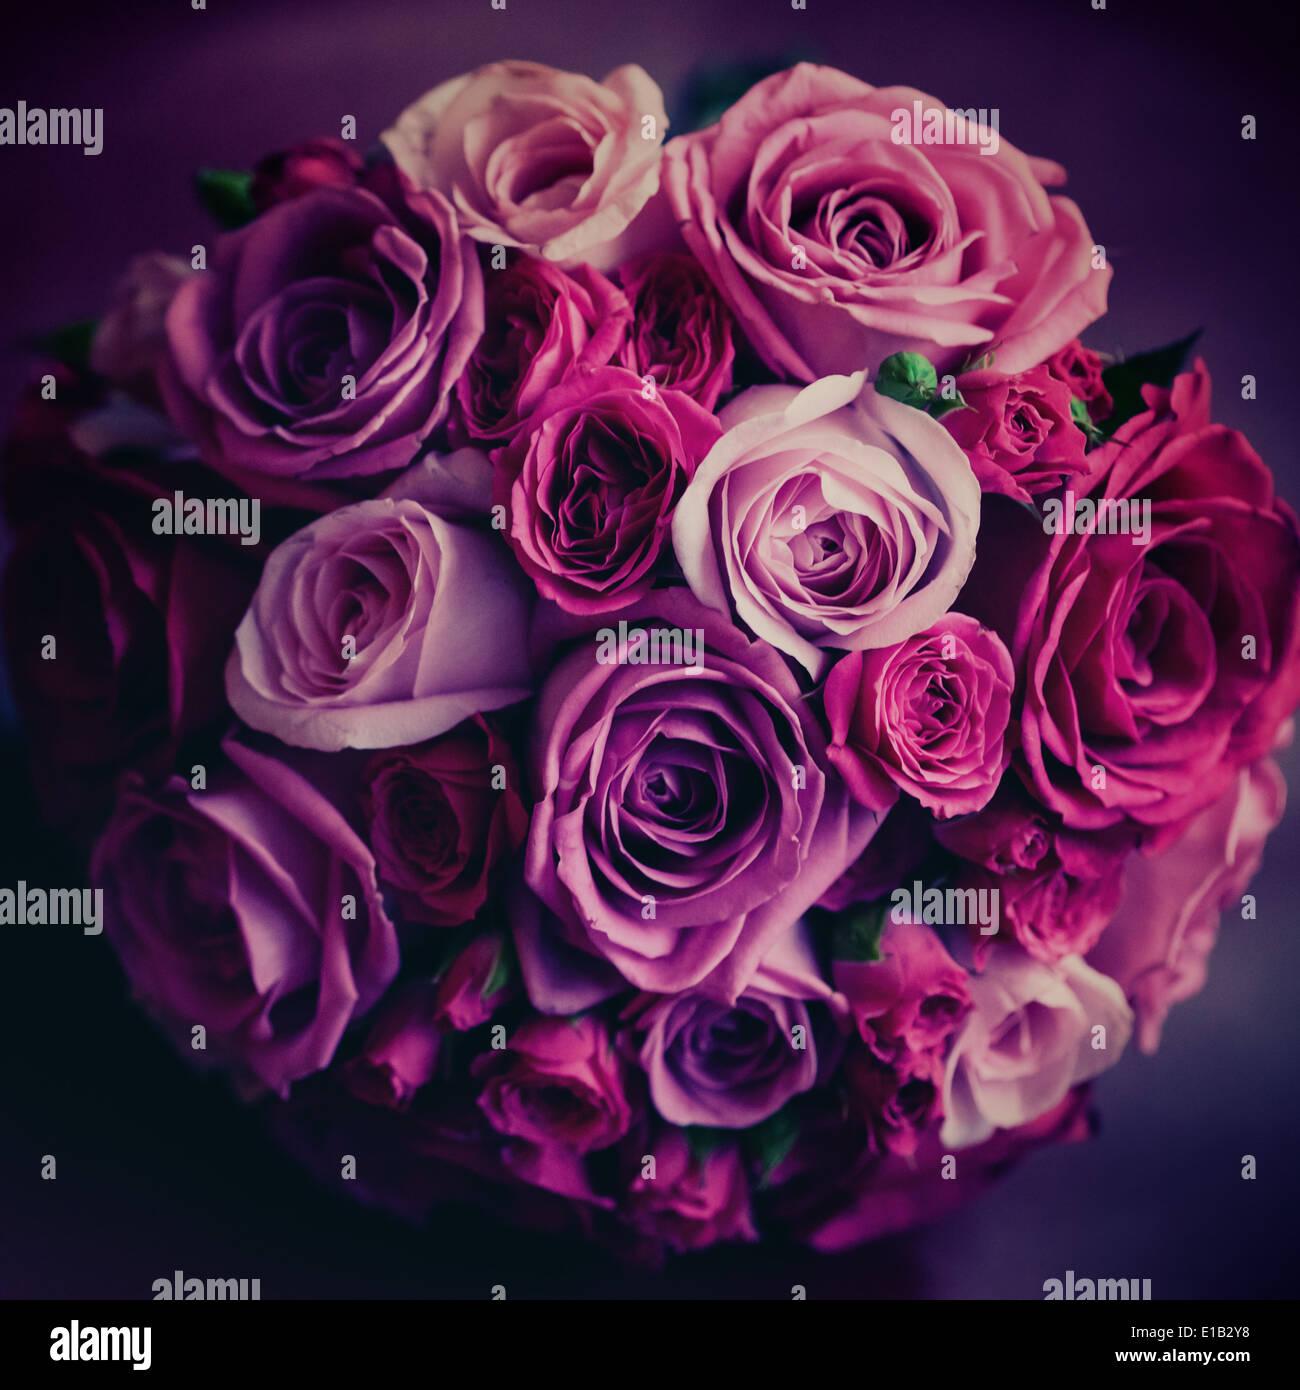 Hochzeitsblumen Rosa Und Rote Rosen Selektiven Fokus Vintage